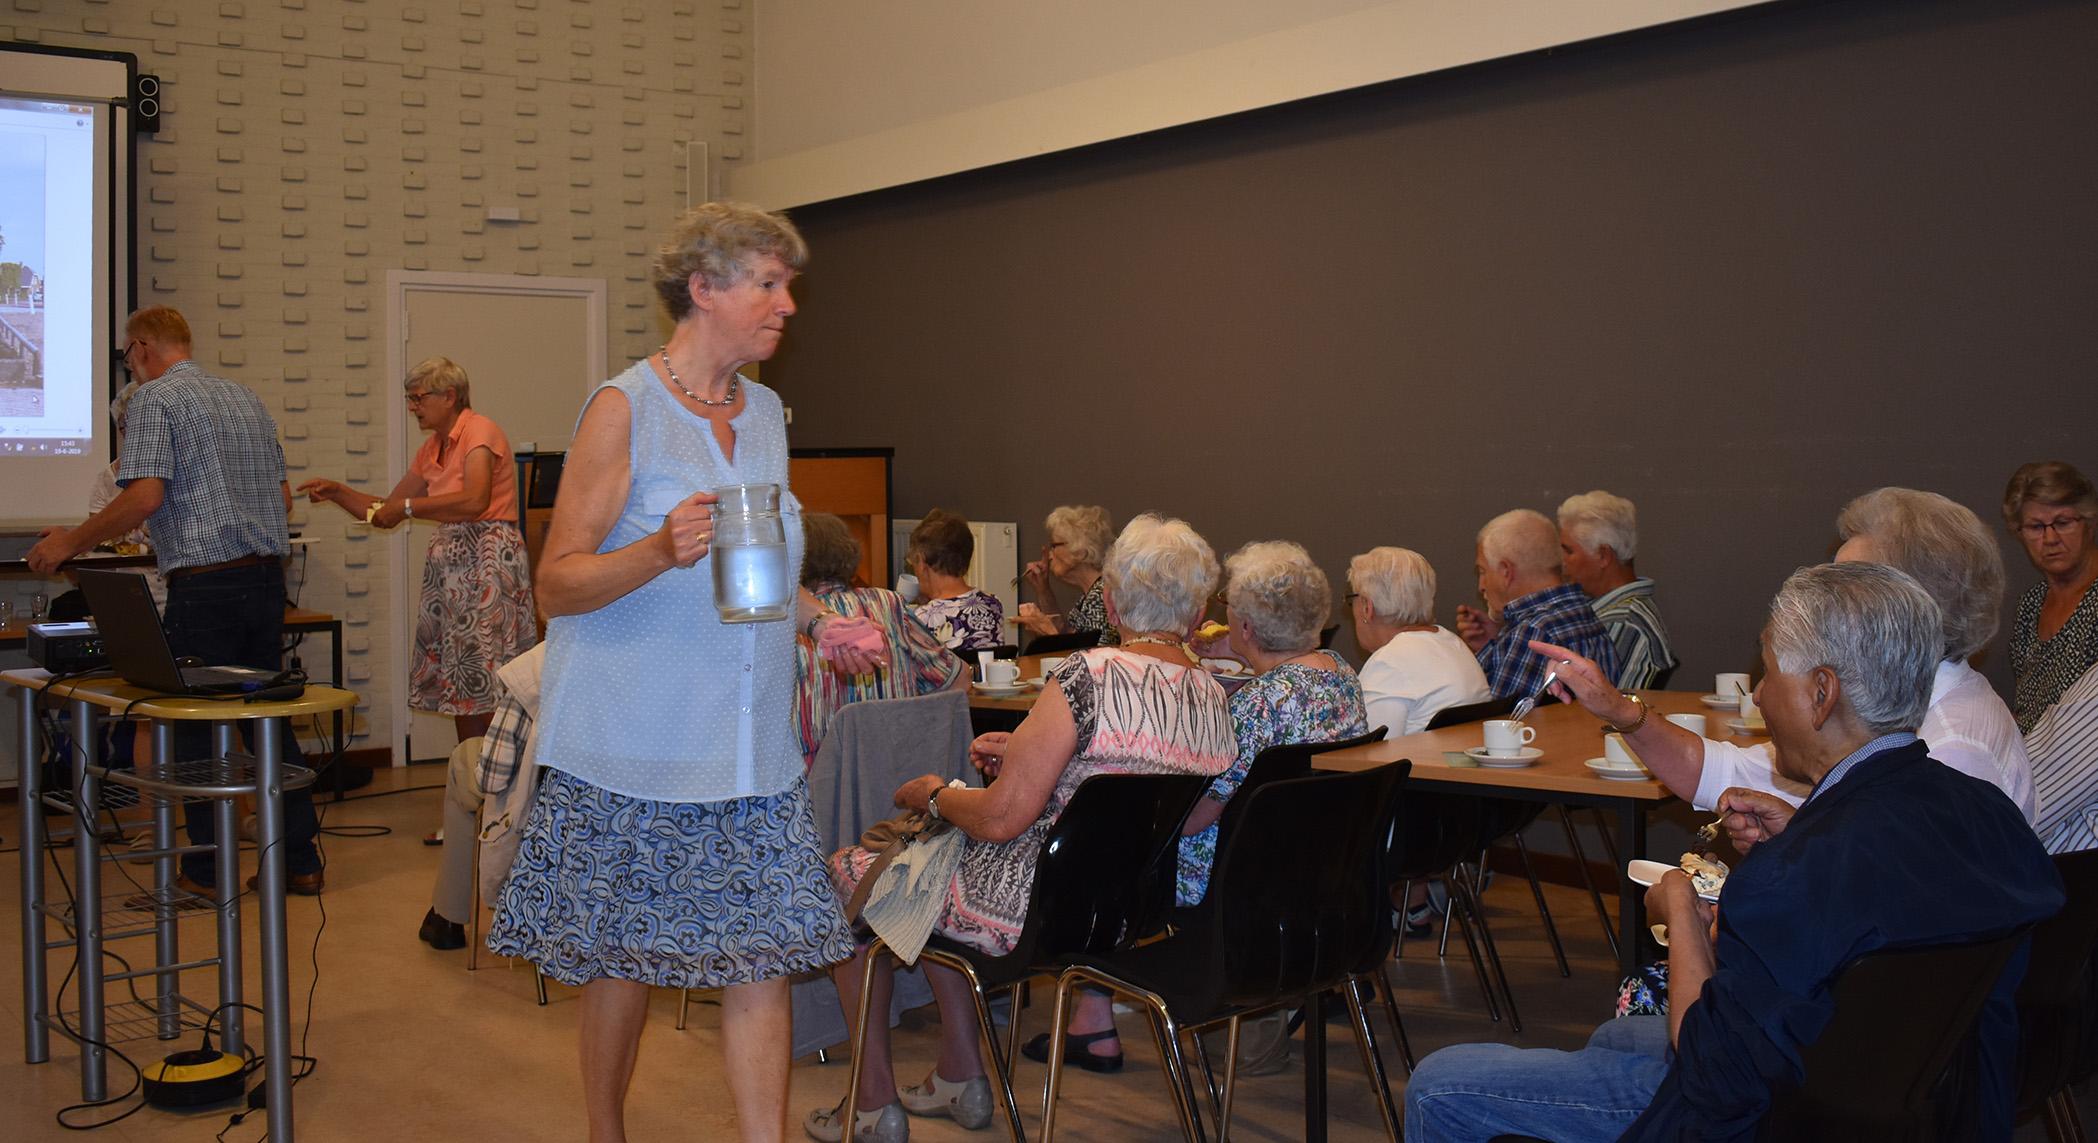 Tijdens de pauze was er koffie en gebak voor de gasten - Foto: ©Fransien Fraanje